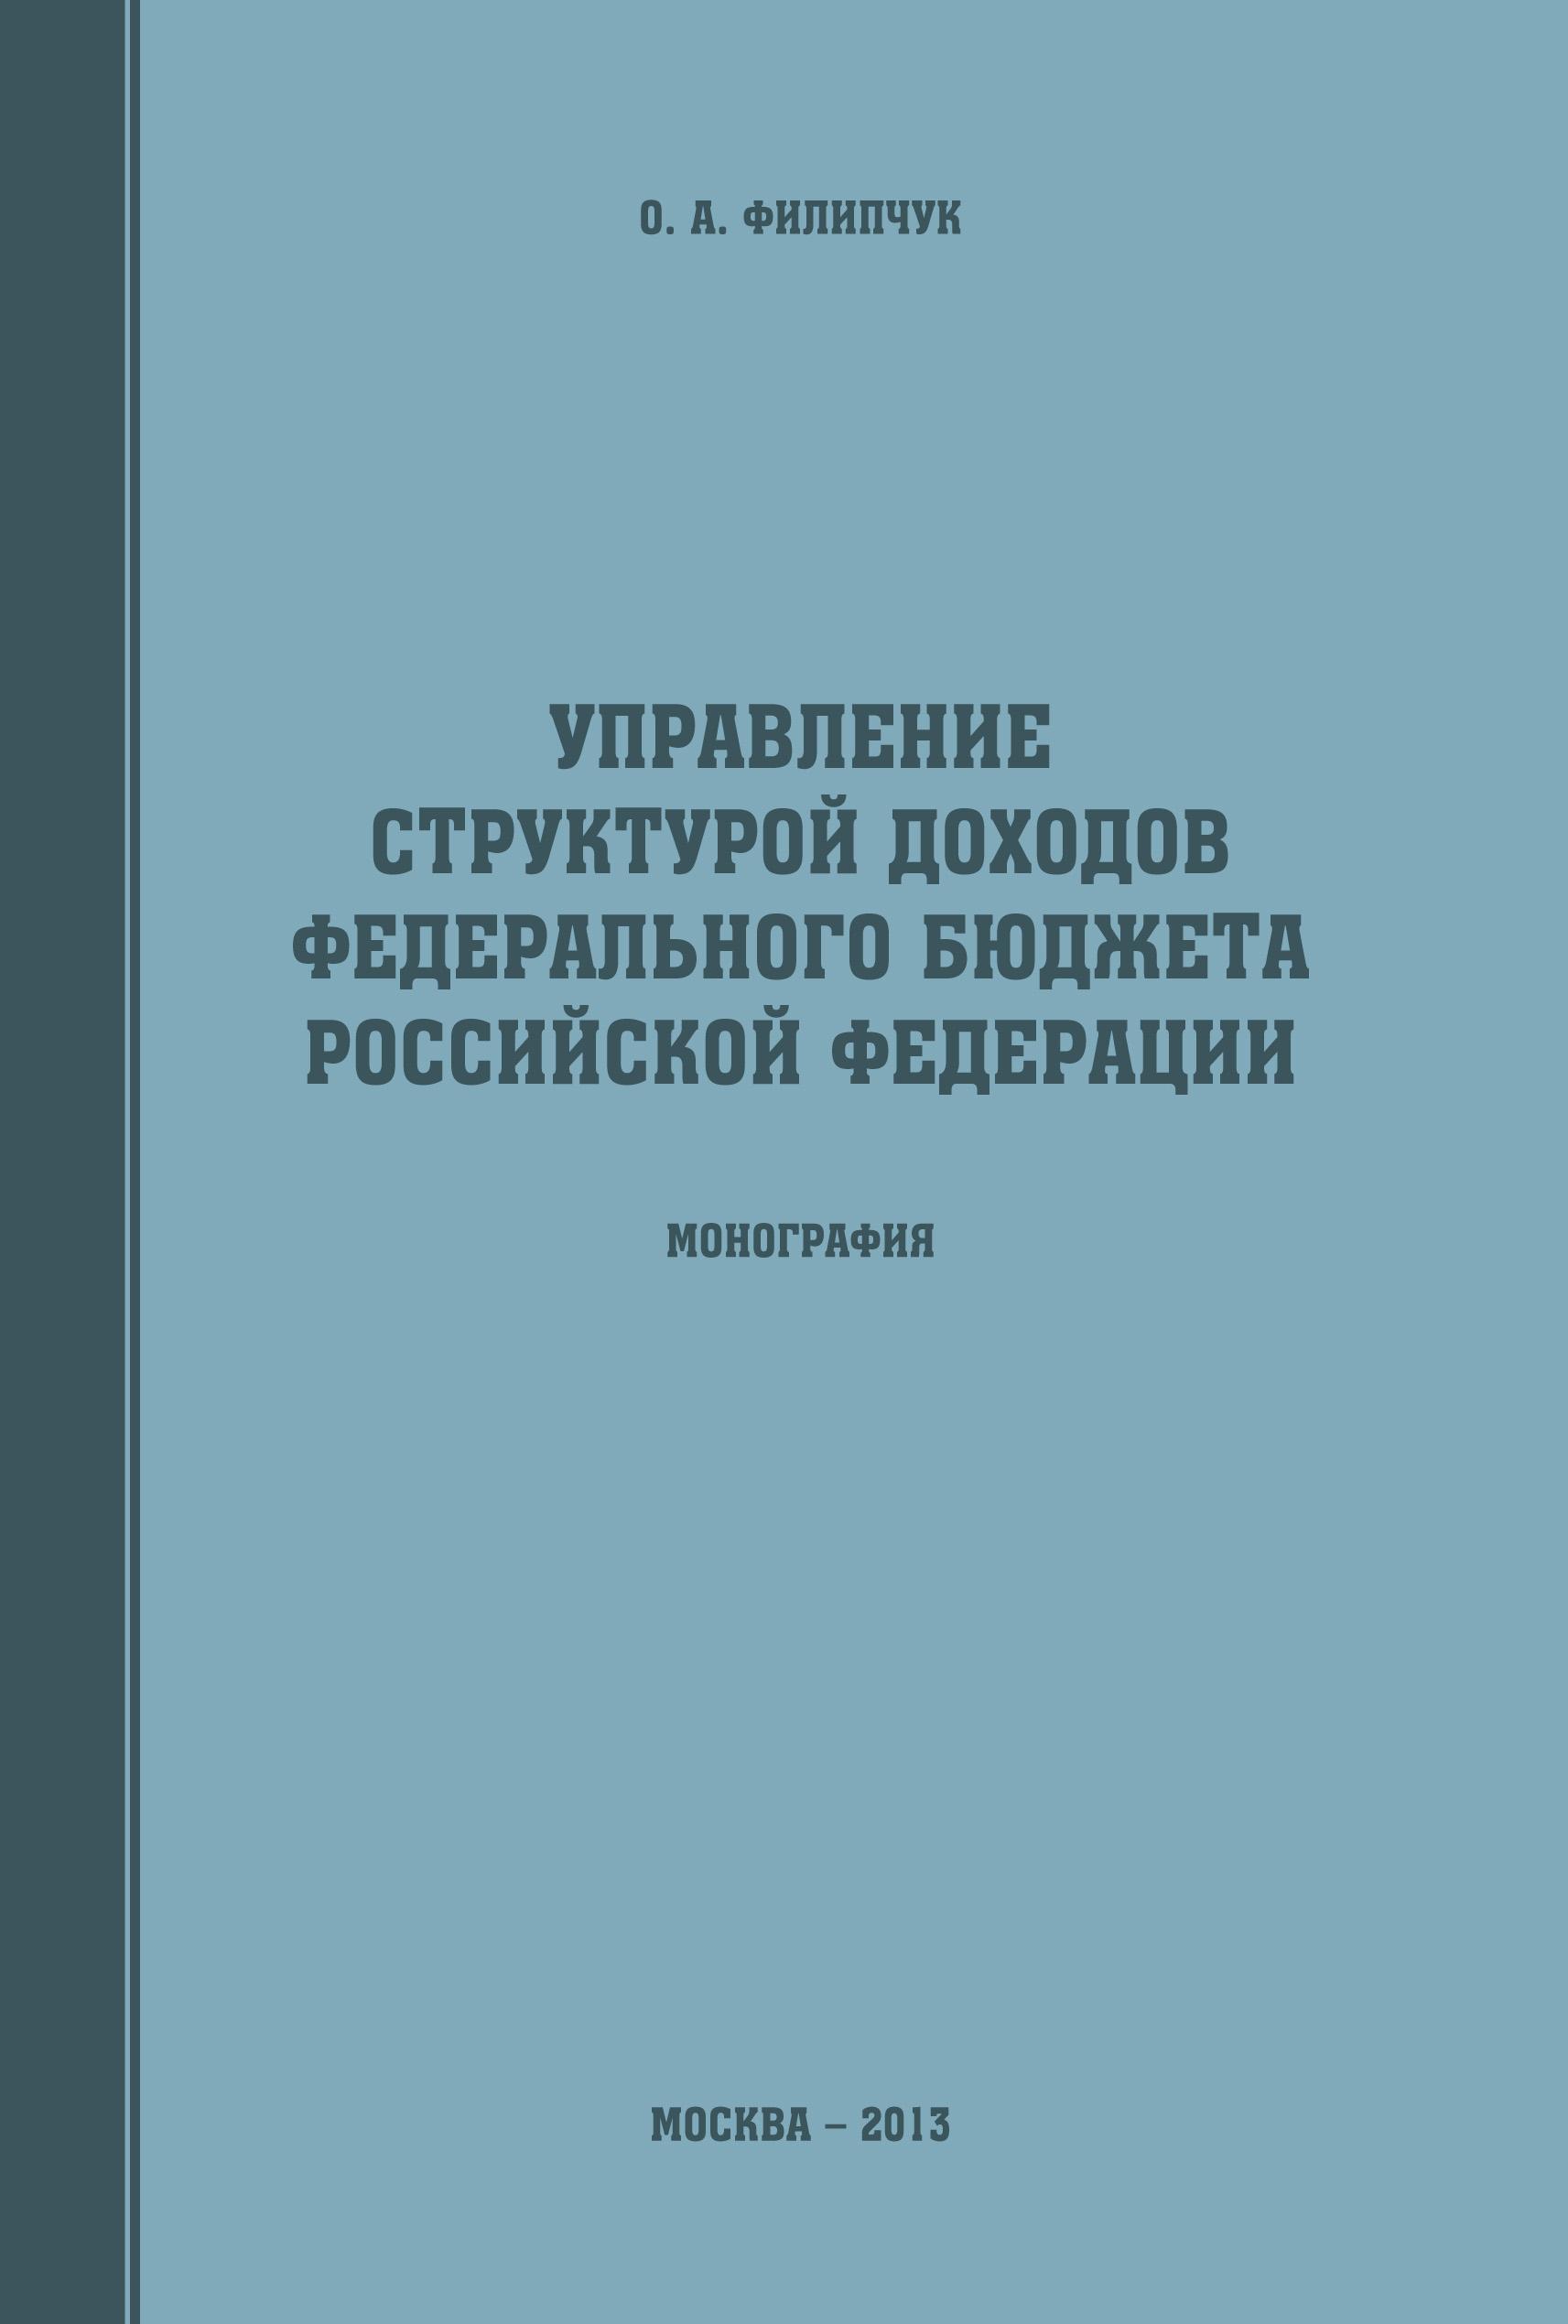 фото обложки издания Управление структурой доходов федерального бюджета Российской Федерации